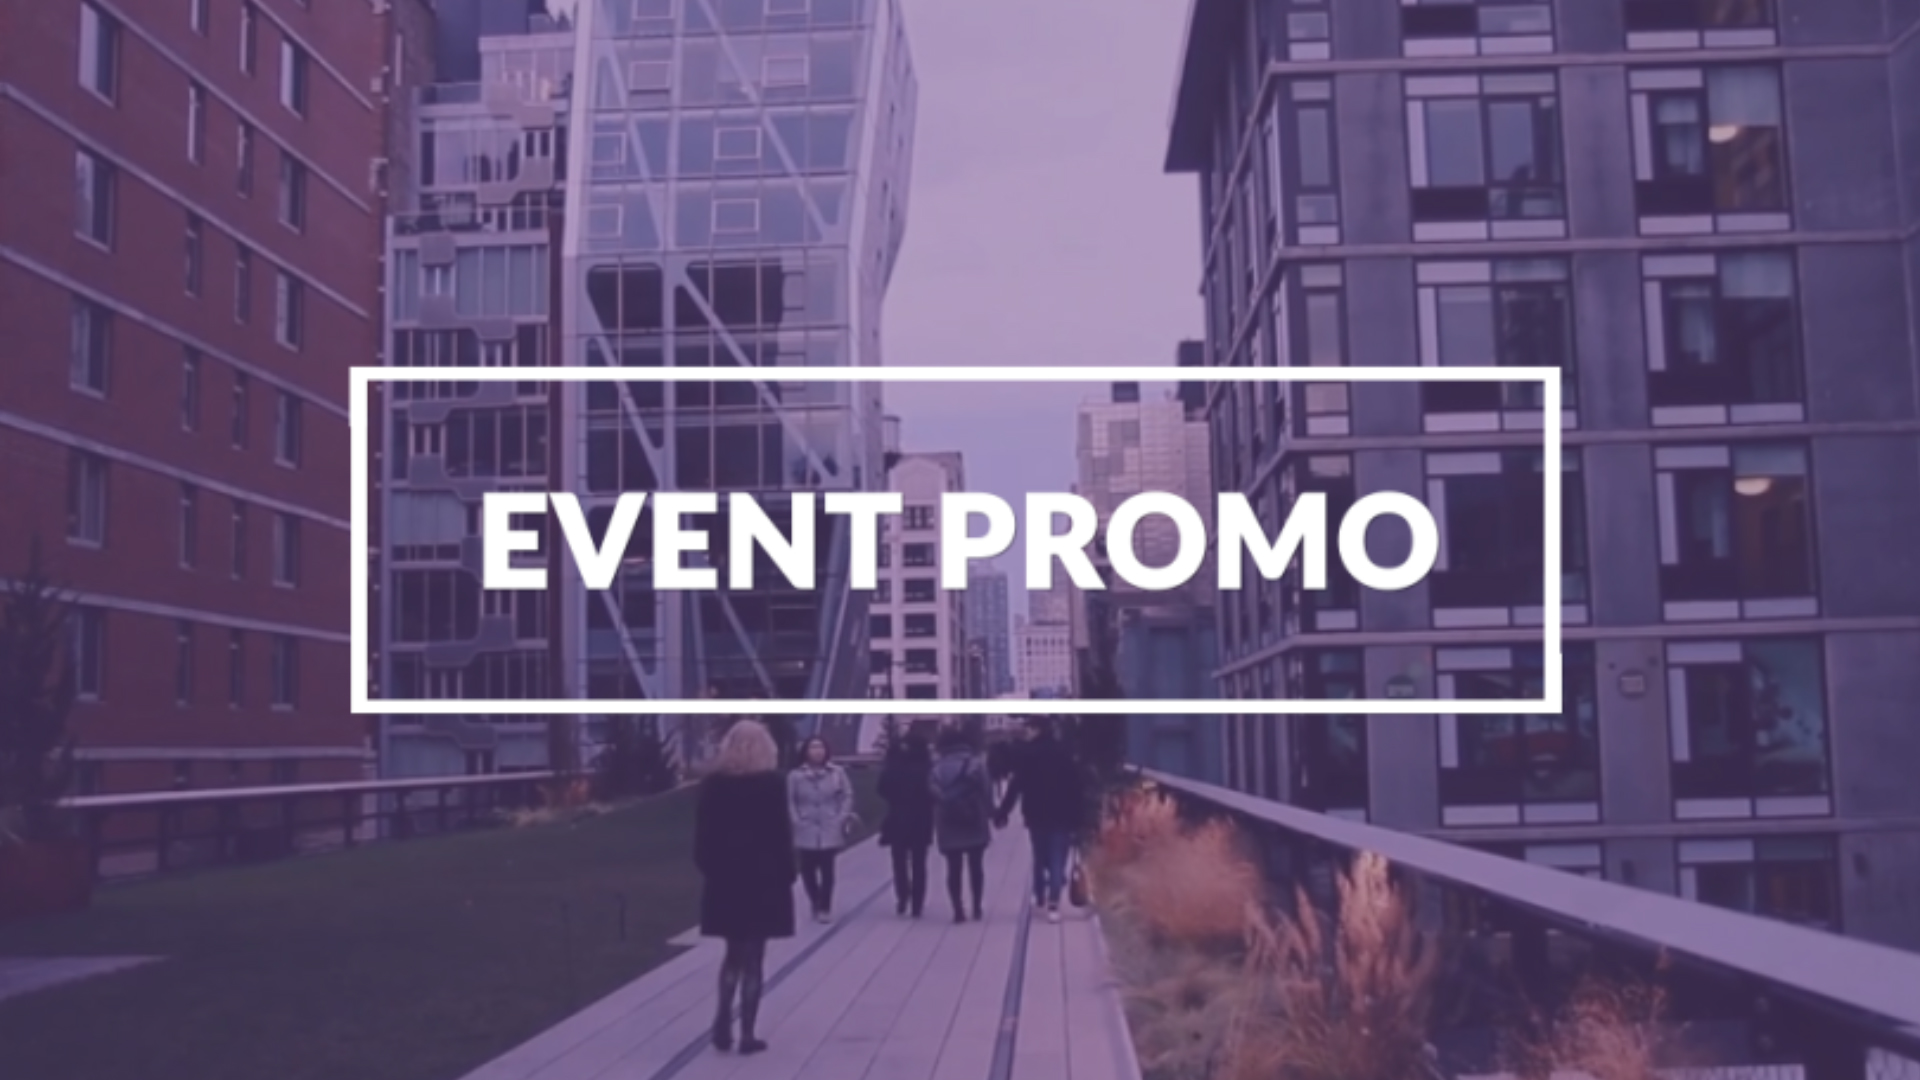 Grid - Event Promo - 4